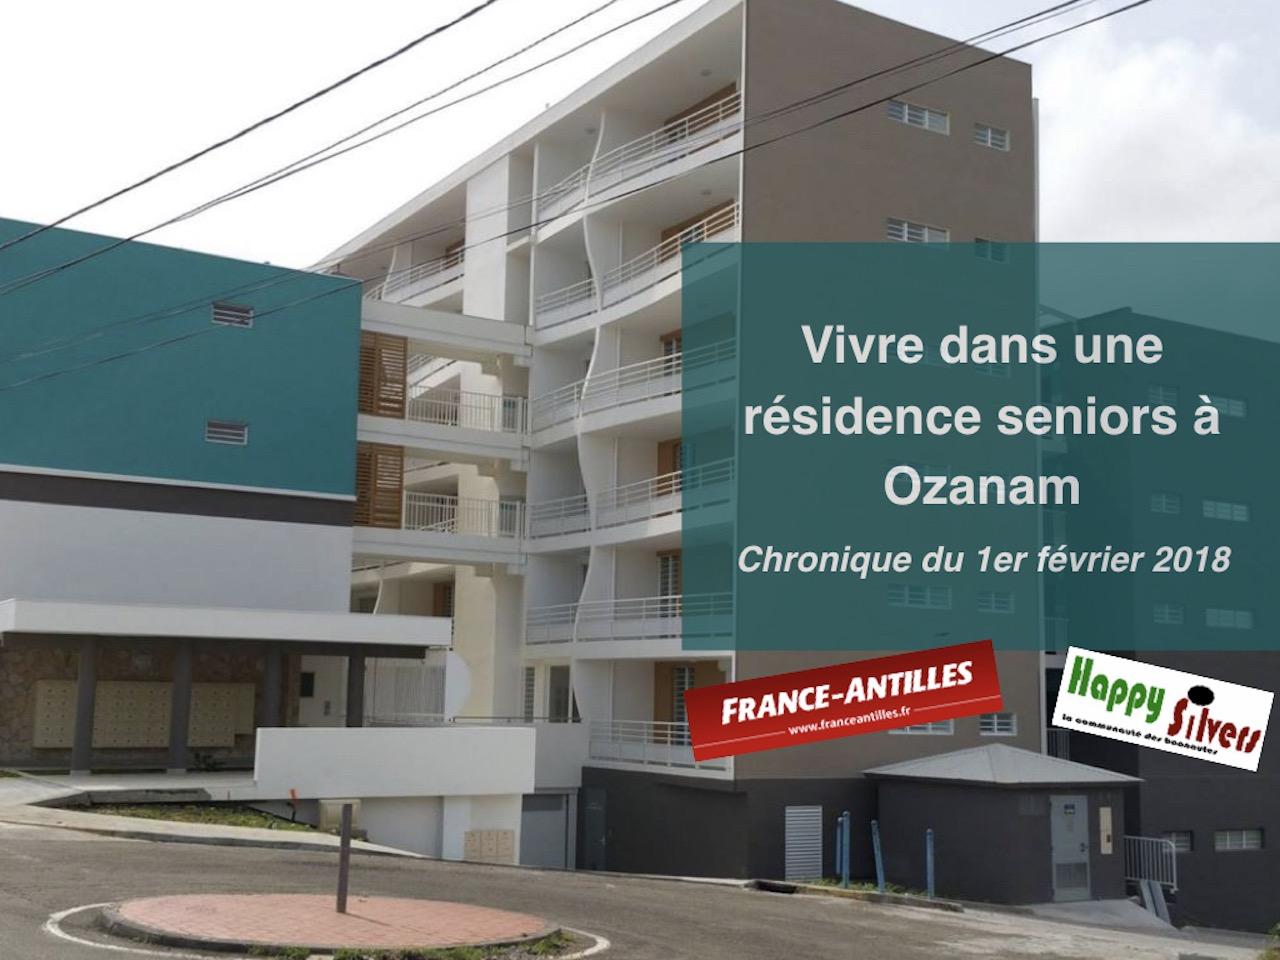 chronique du 1er fevrier 2018 - ozanam